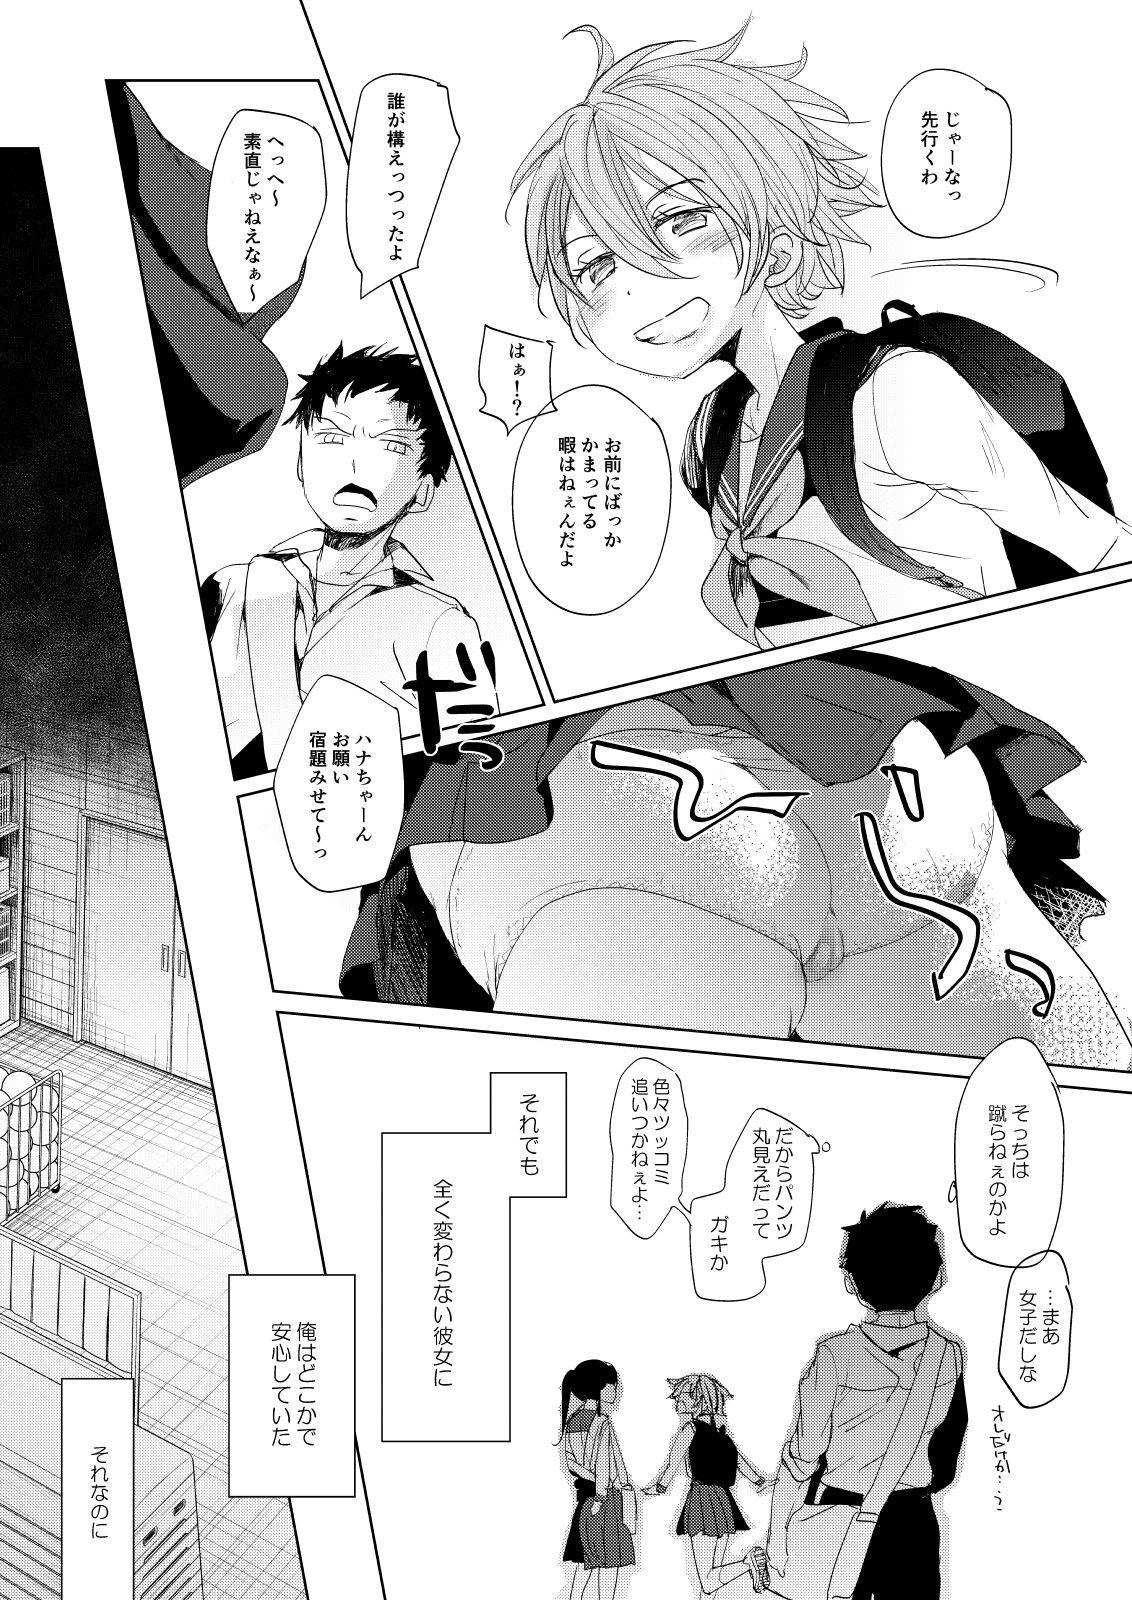 Ore no Himitsu Kichi 9